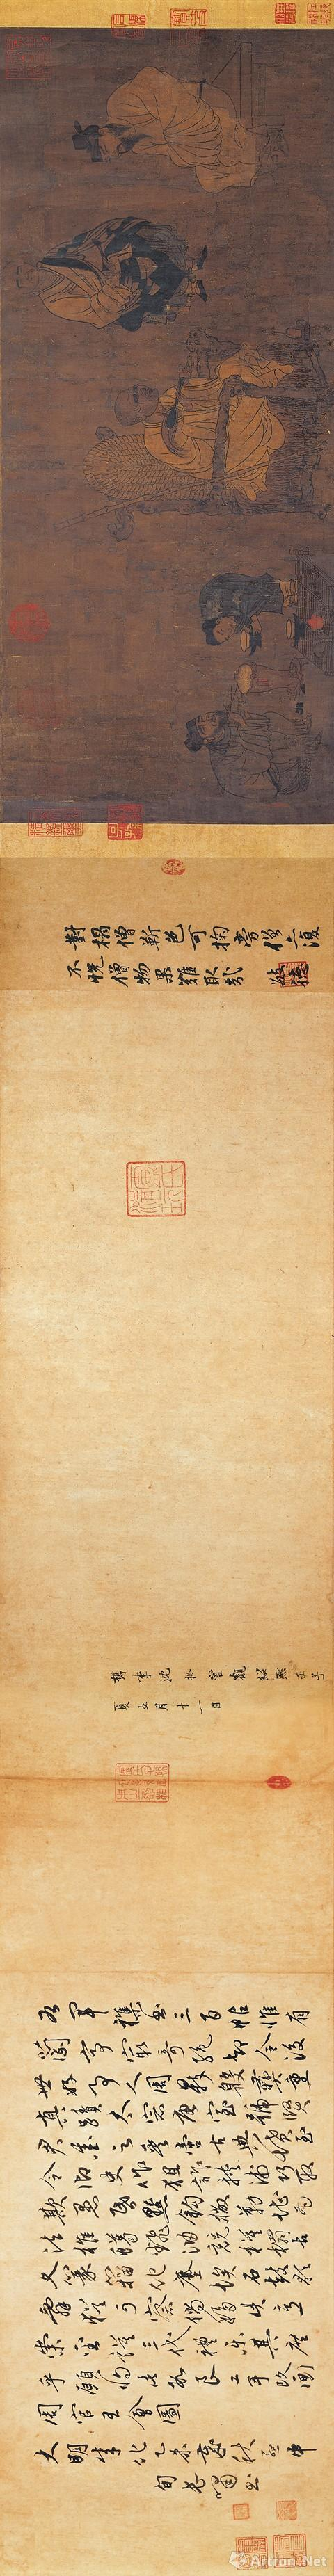 《萧翼赚兰亭图》(传)阎立本 横65 厘米,纵28厘米,现藏台北故宫博物院